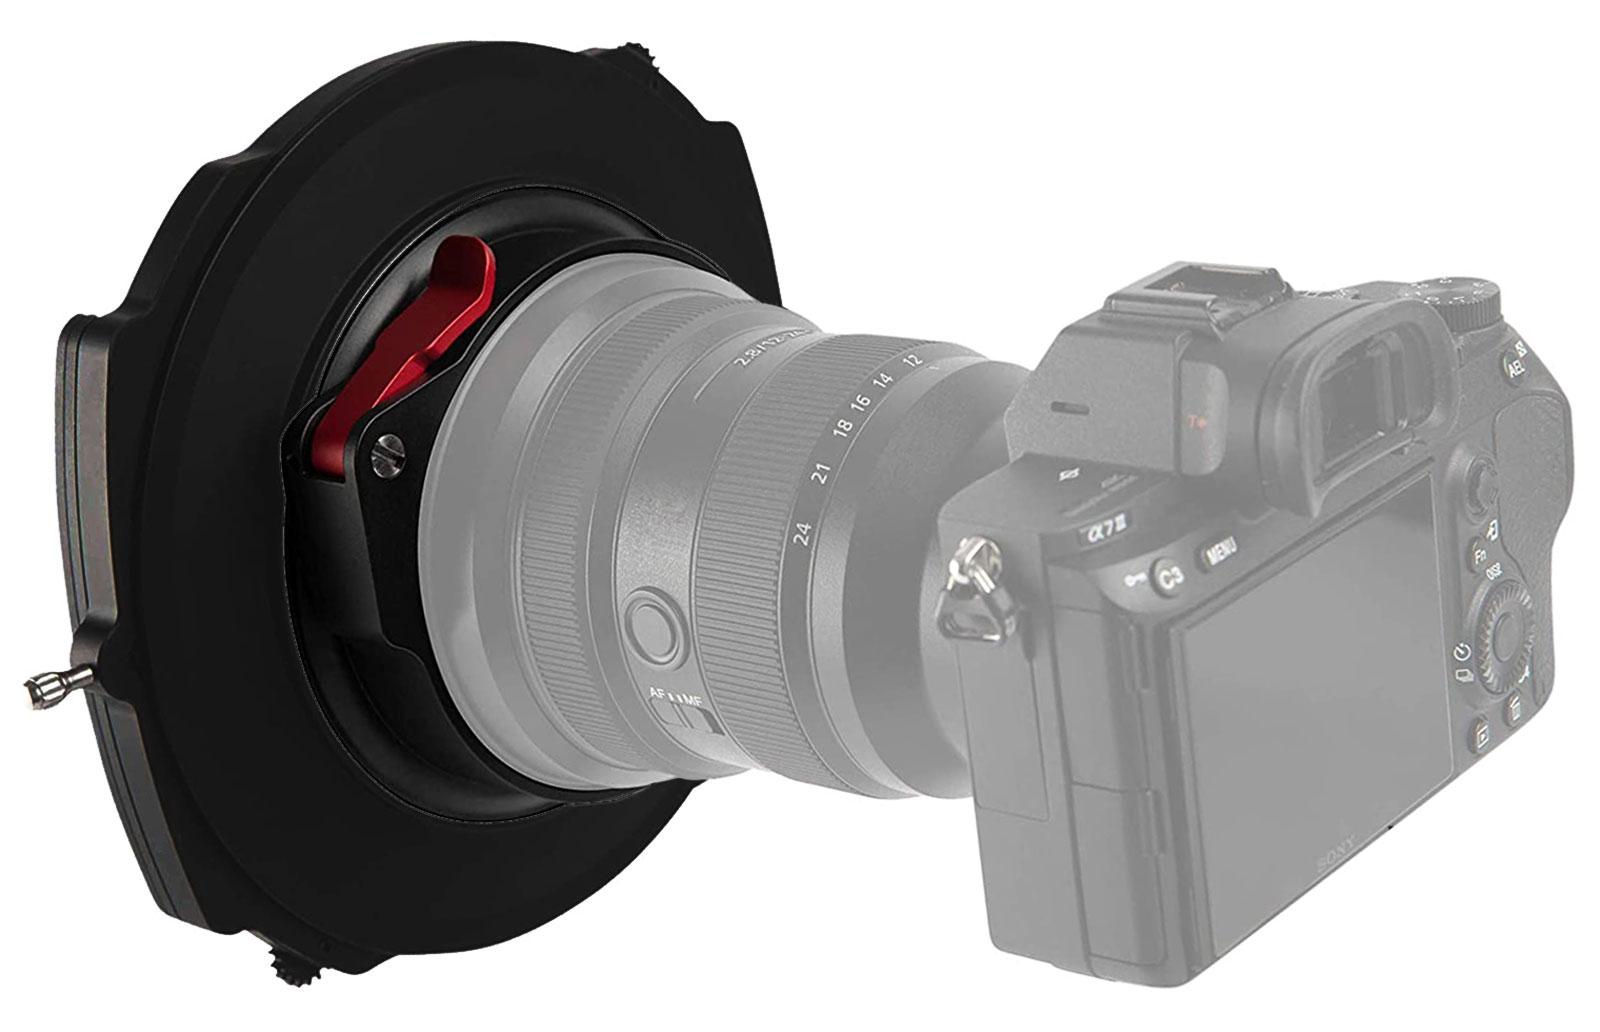 Haida M15 Filter Holder Kit for Sony FE 12-24mm f/2.8 GM Lens